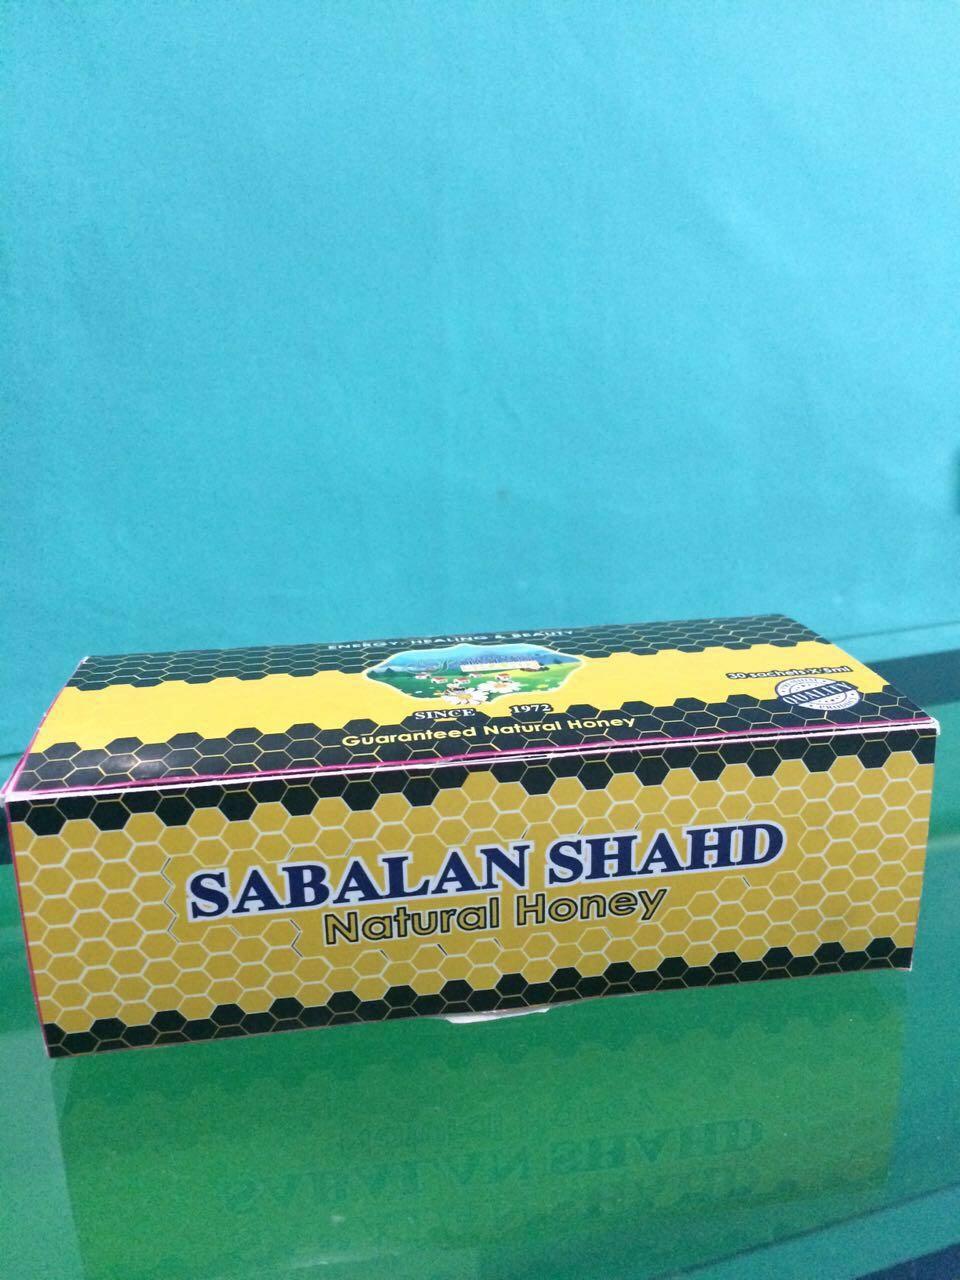 SabalanShahd